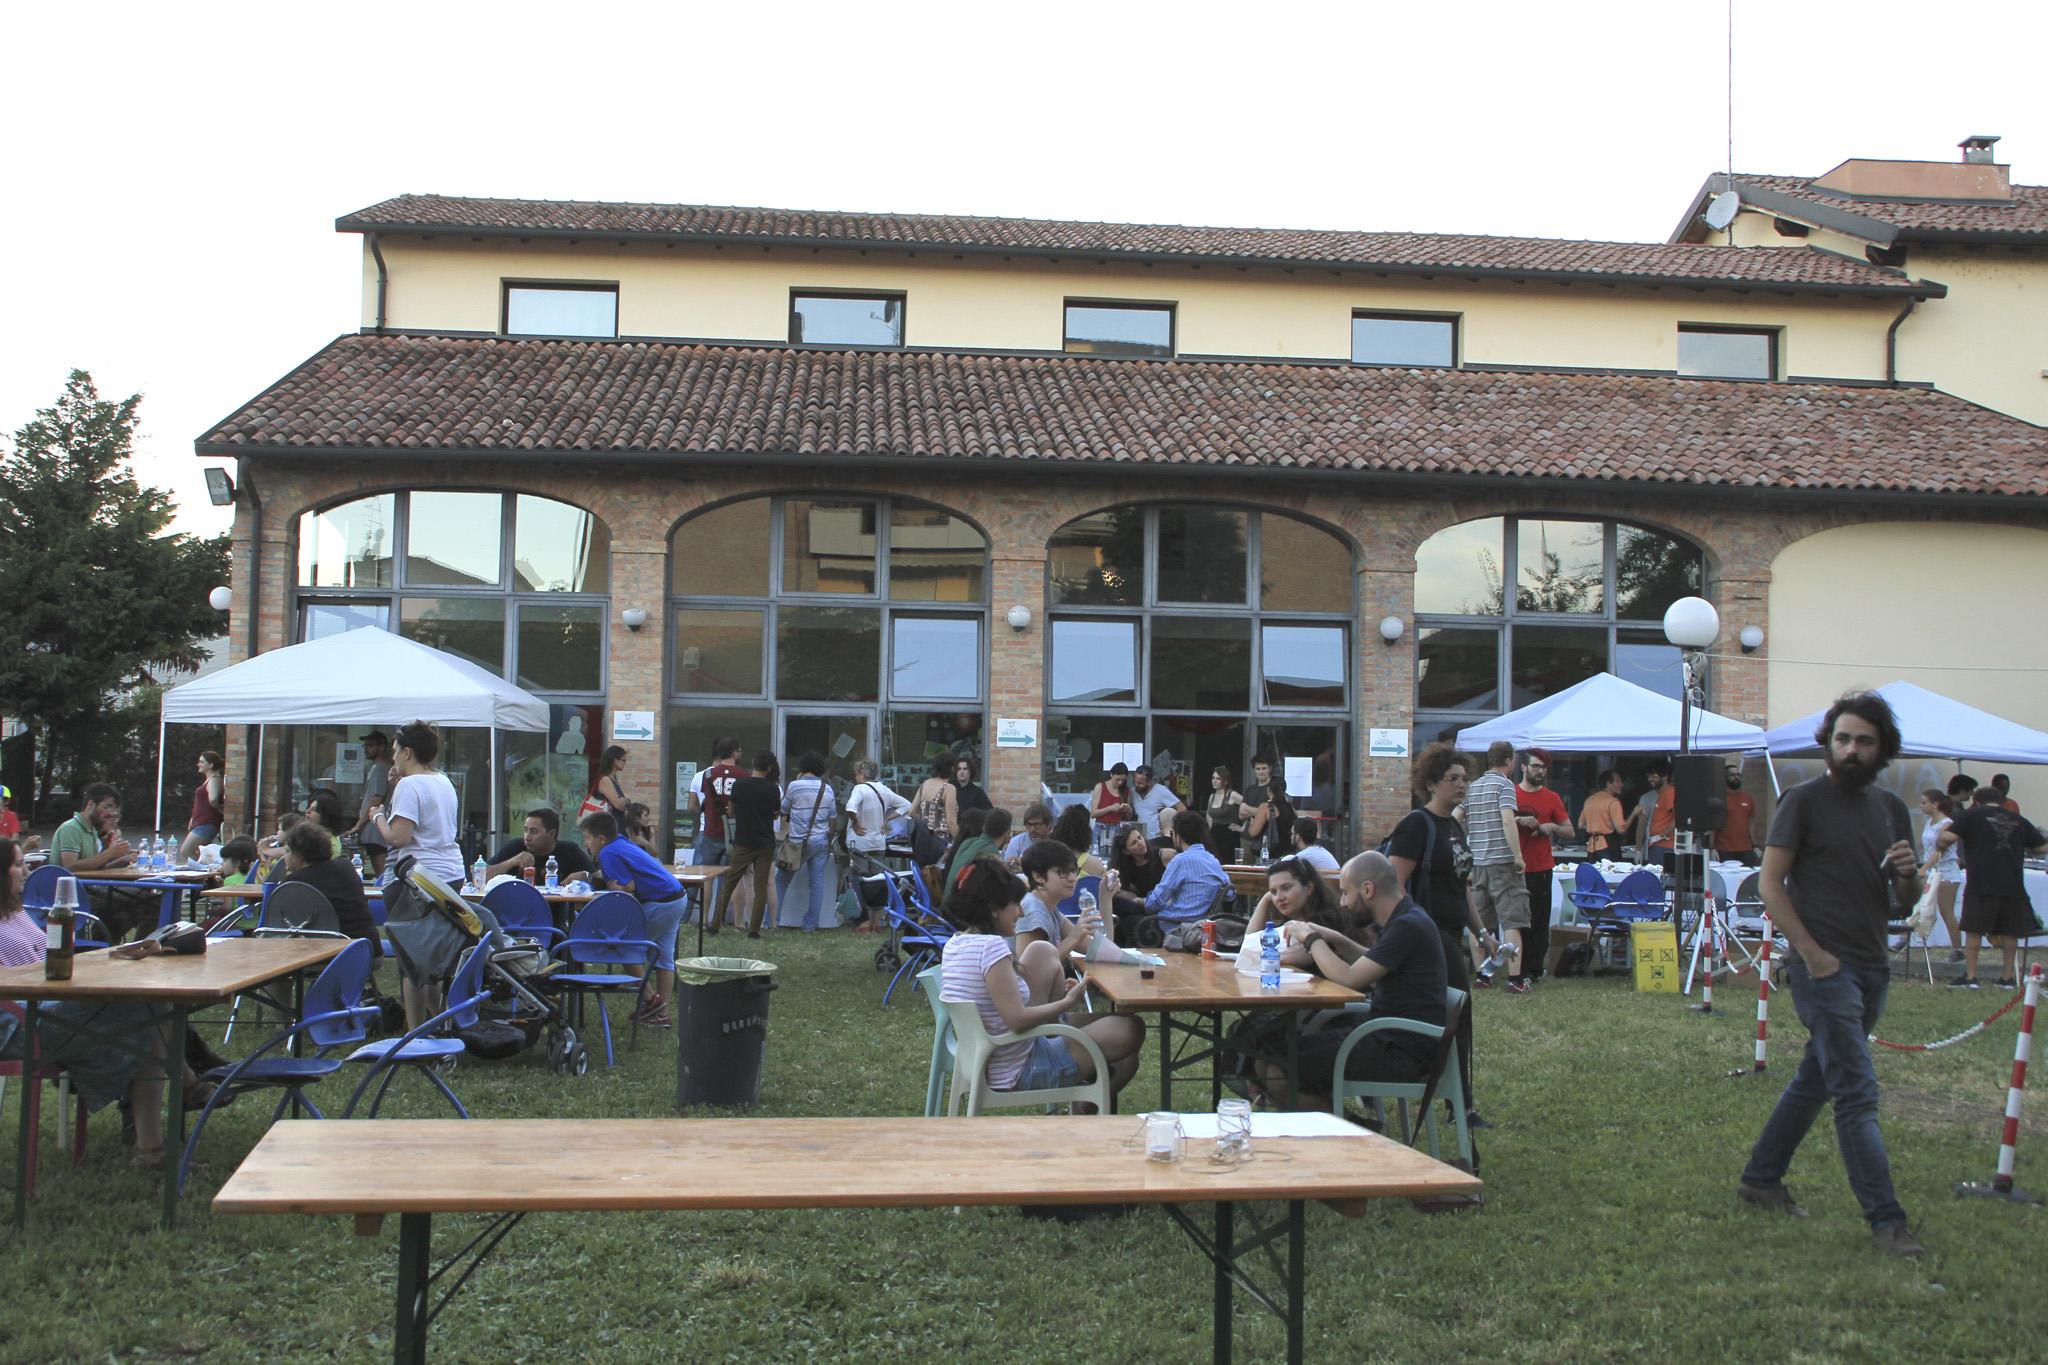 25 Giugno La Casa Nel Parco In Festa Con On Off E Gruppo Scuola